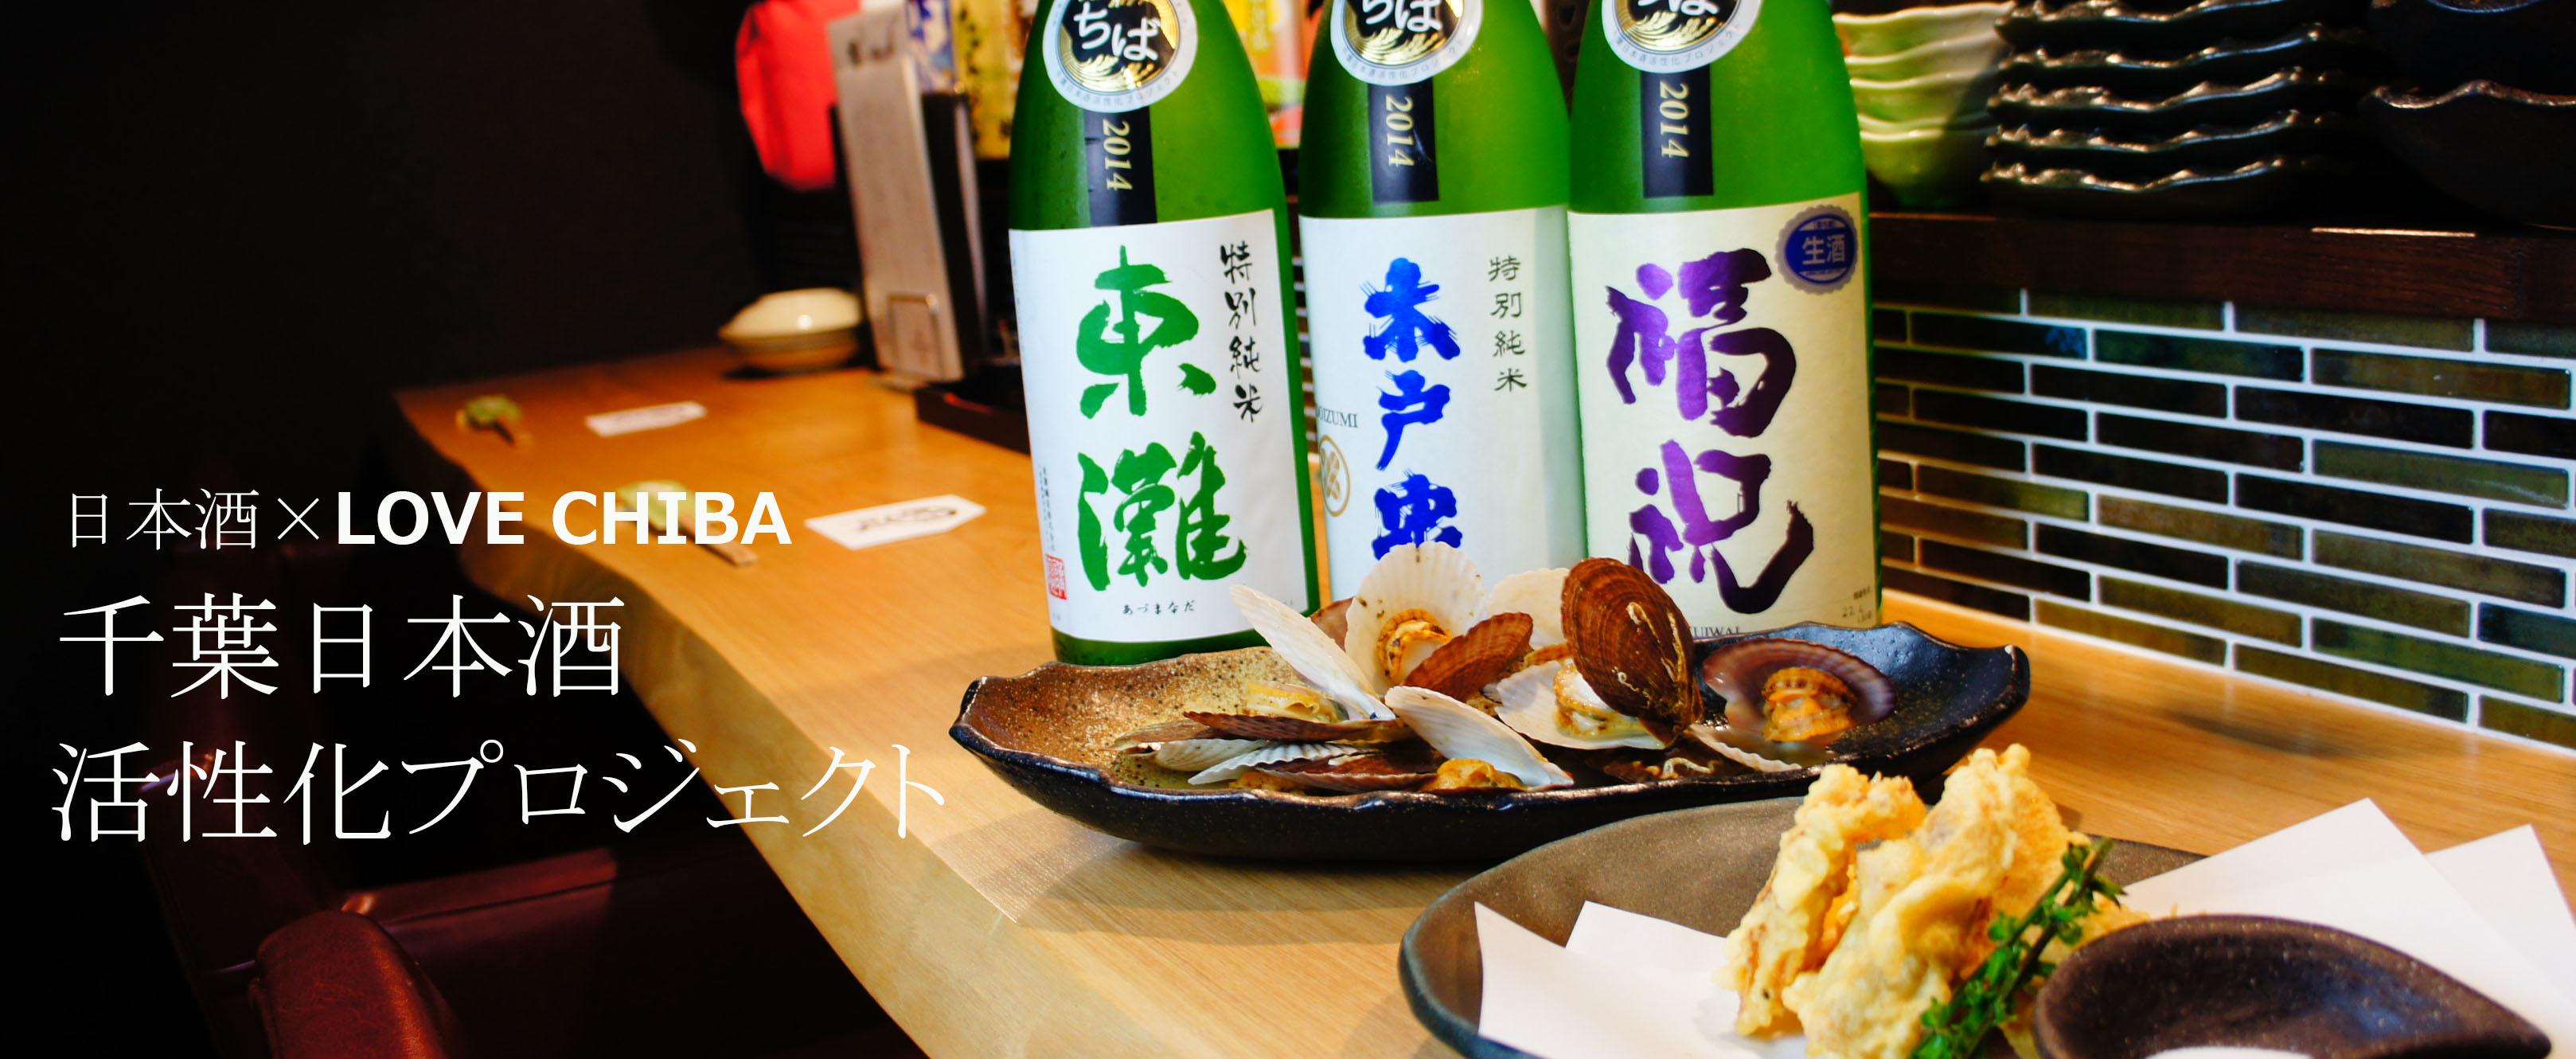 ラブ千葉 日本酒